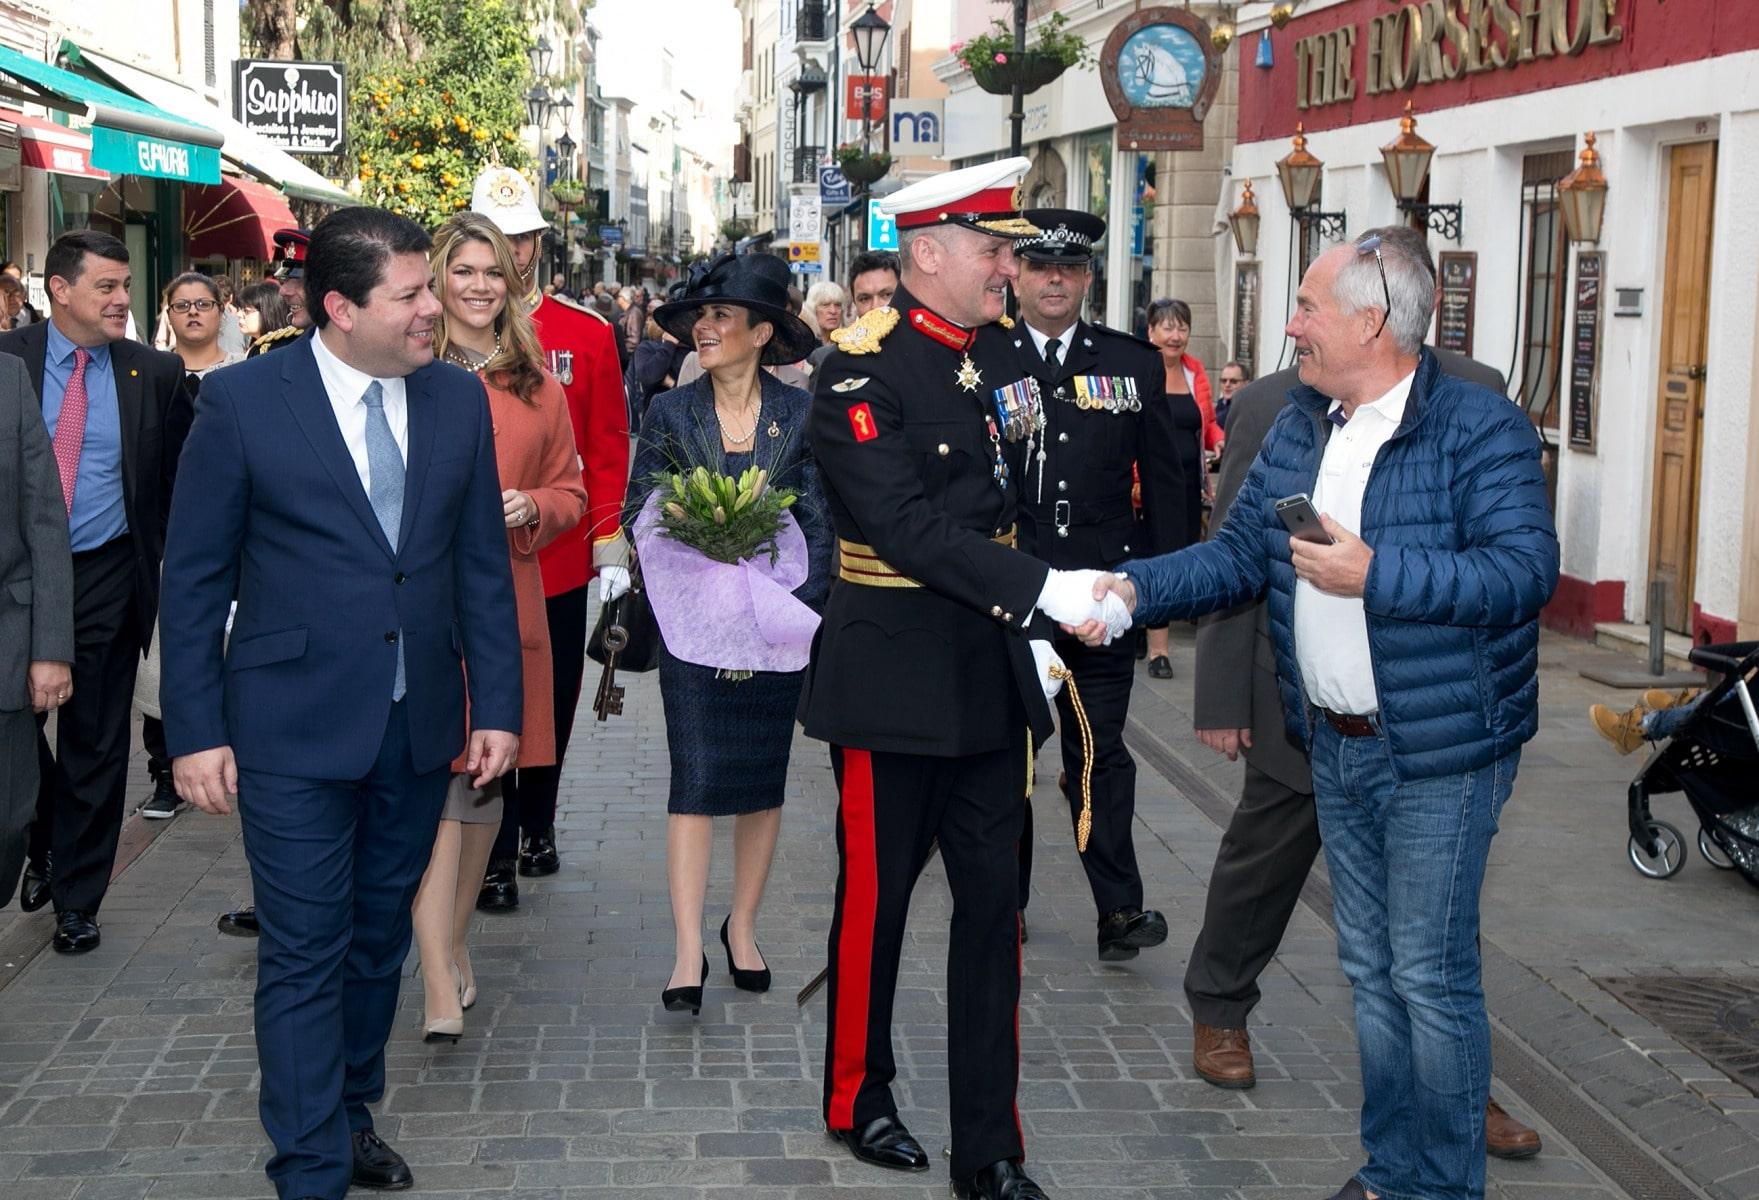 gobernador-de-gibraltar-edward-davis_24496994275_o